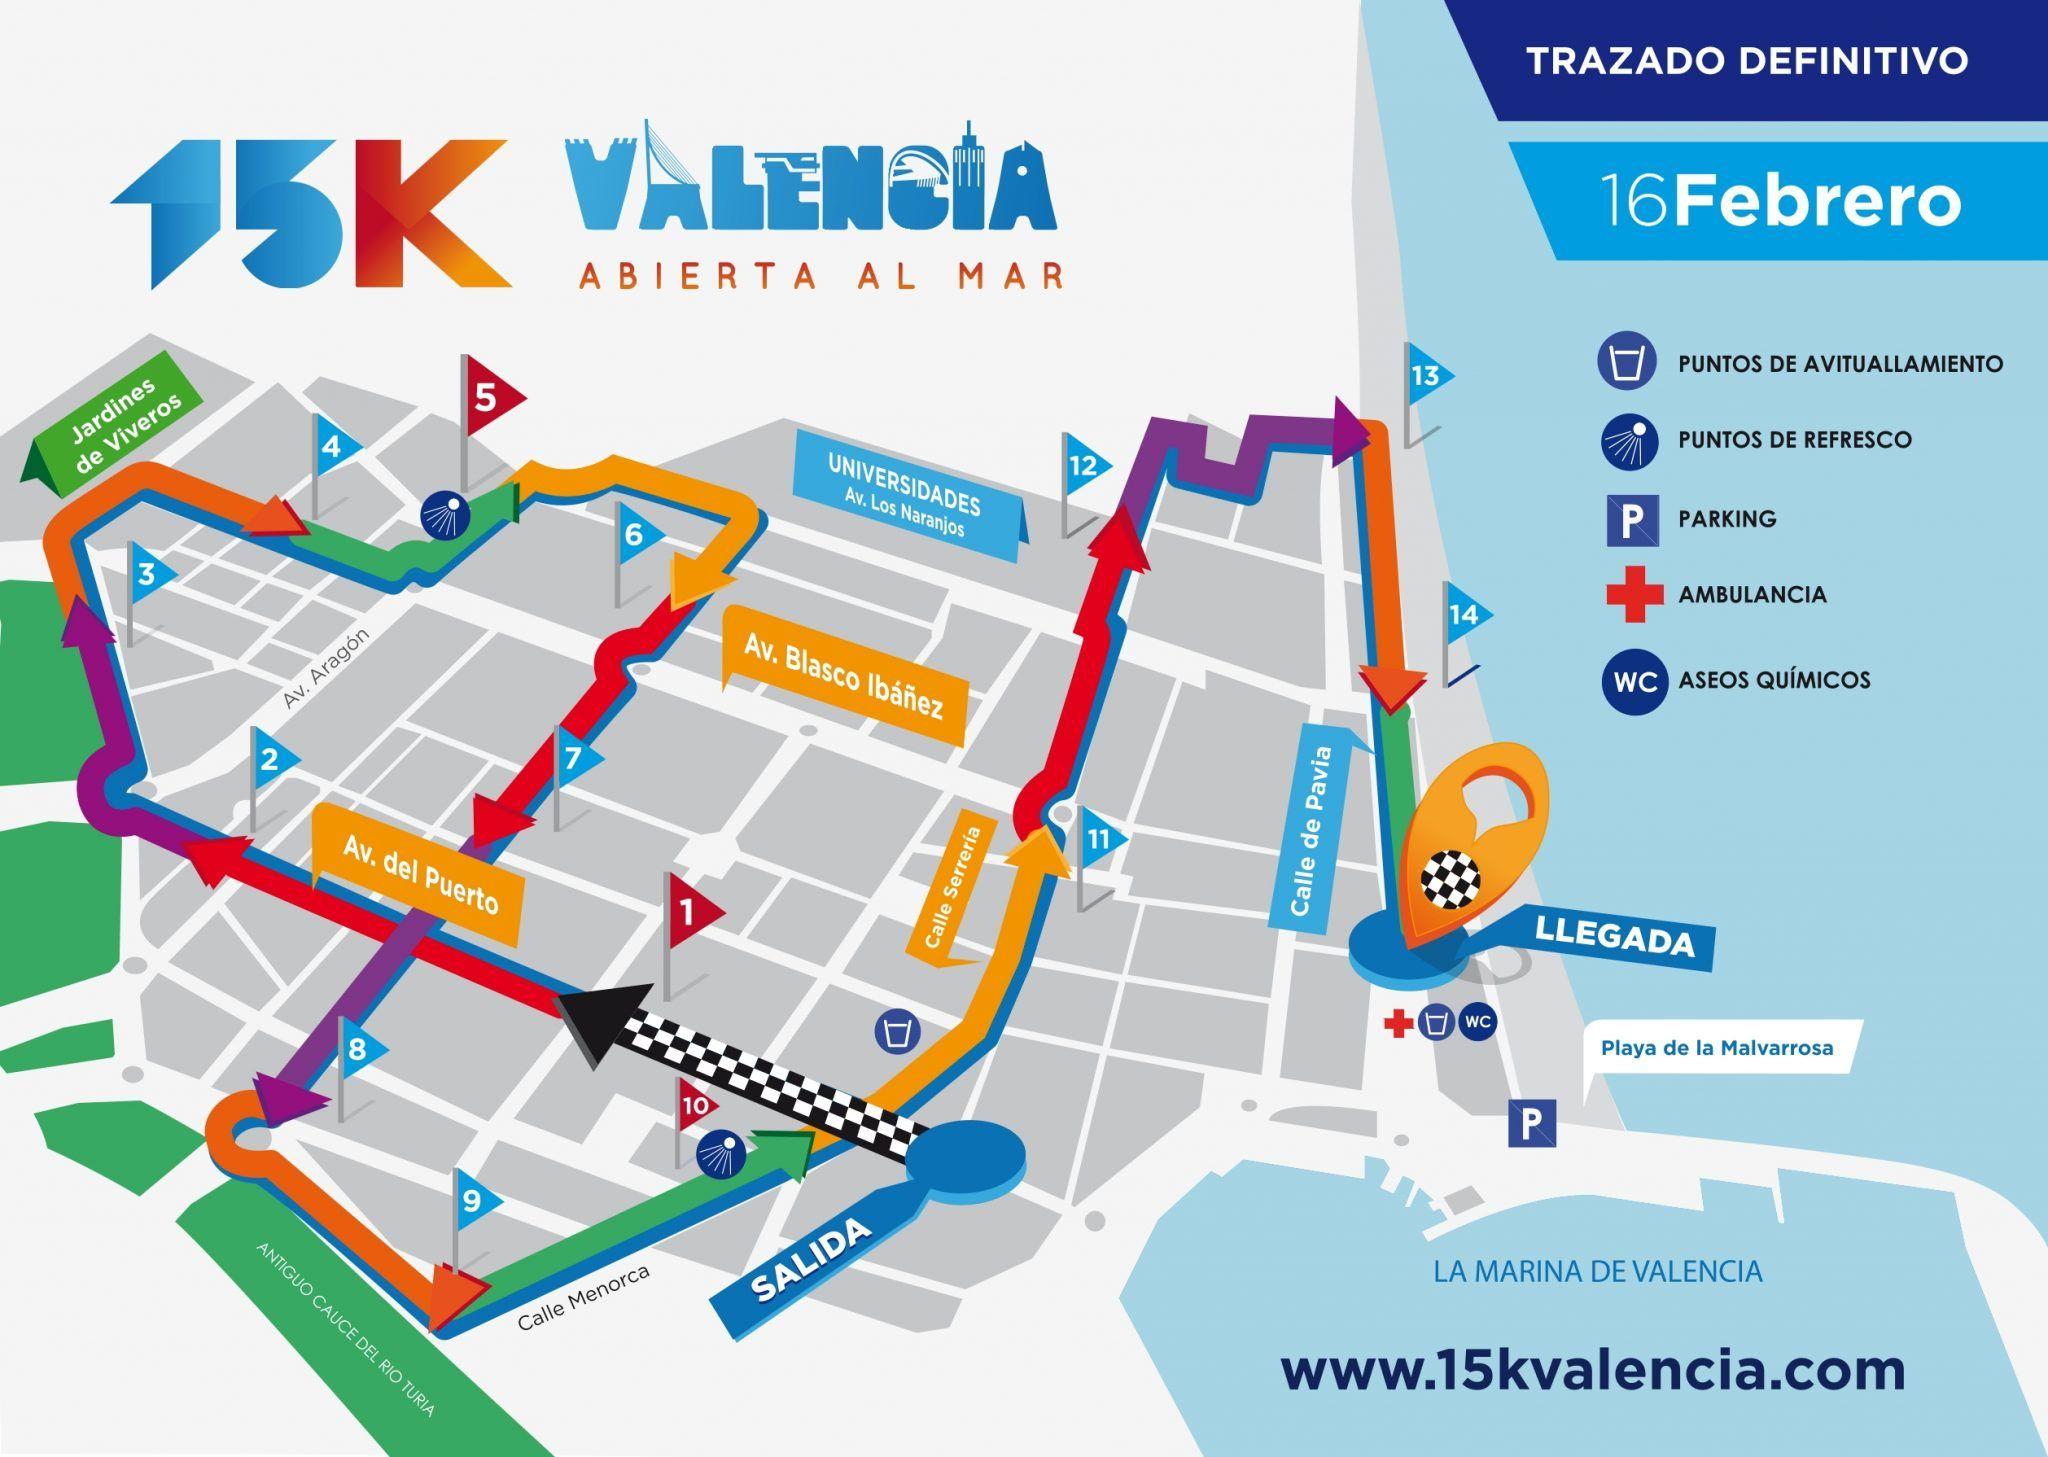 Recorrido 15K València Abierta al Mar 2020